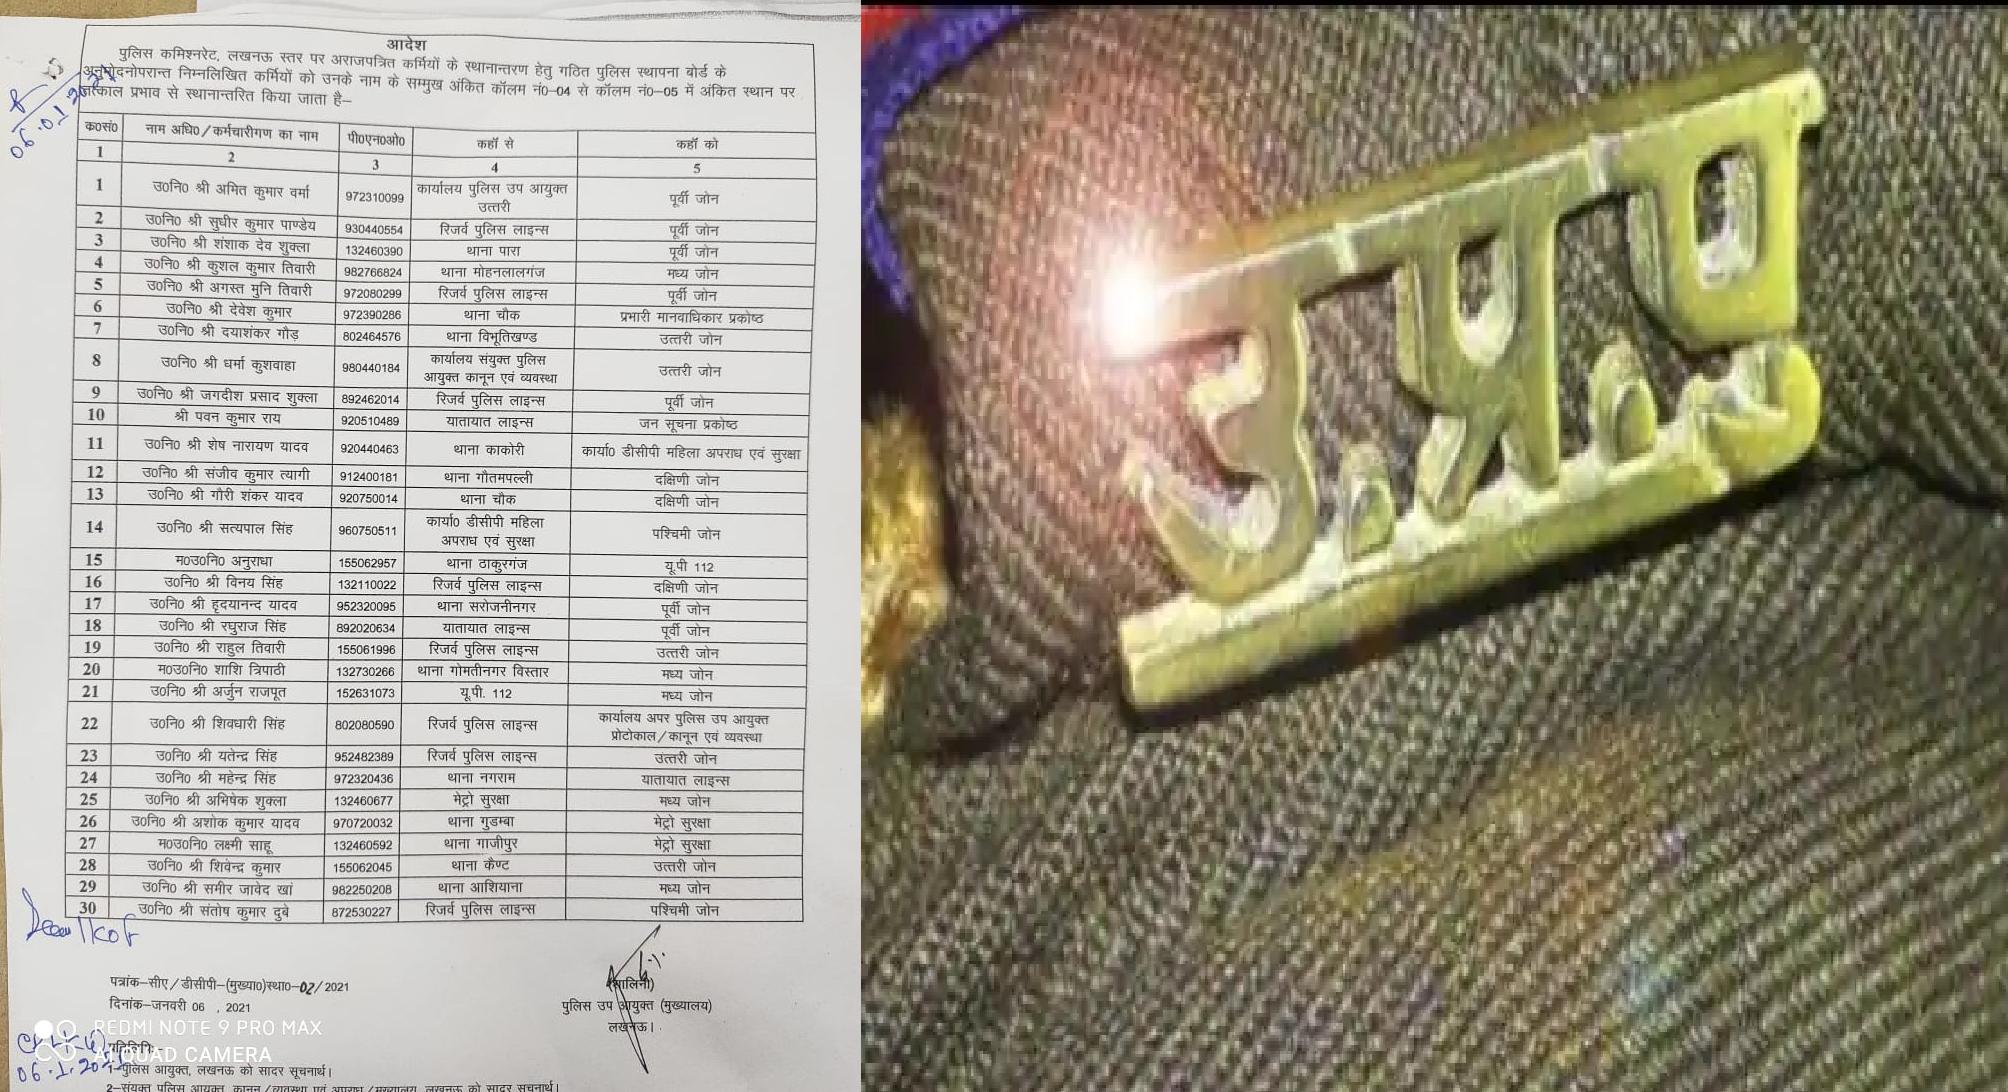 यूपी पुलिस महकमे में बड़ा फेरबदल, लखनऊ में 30 उप निरीक्षकों का हुआ ट्रांसफर